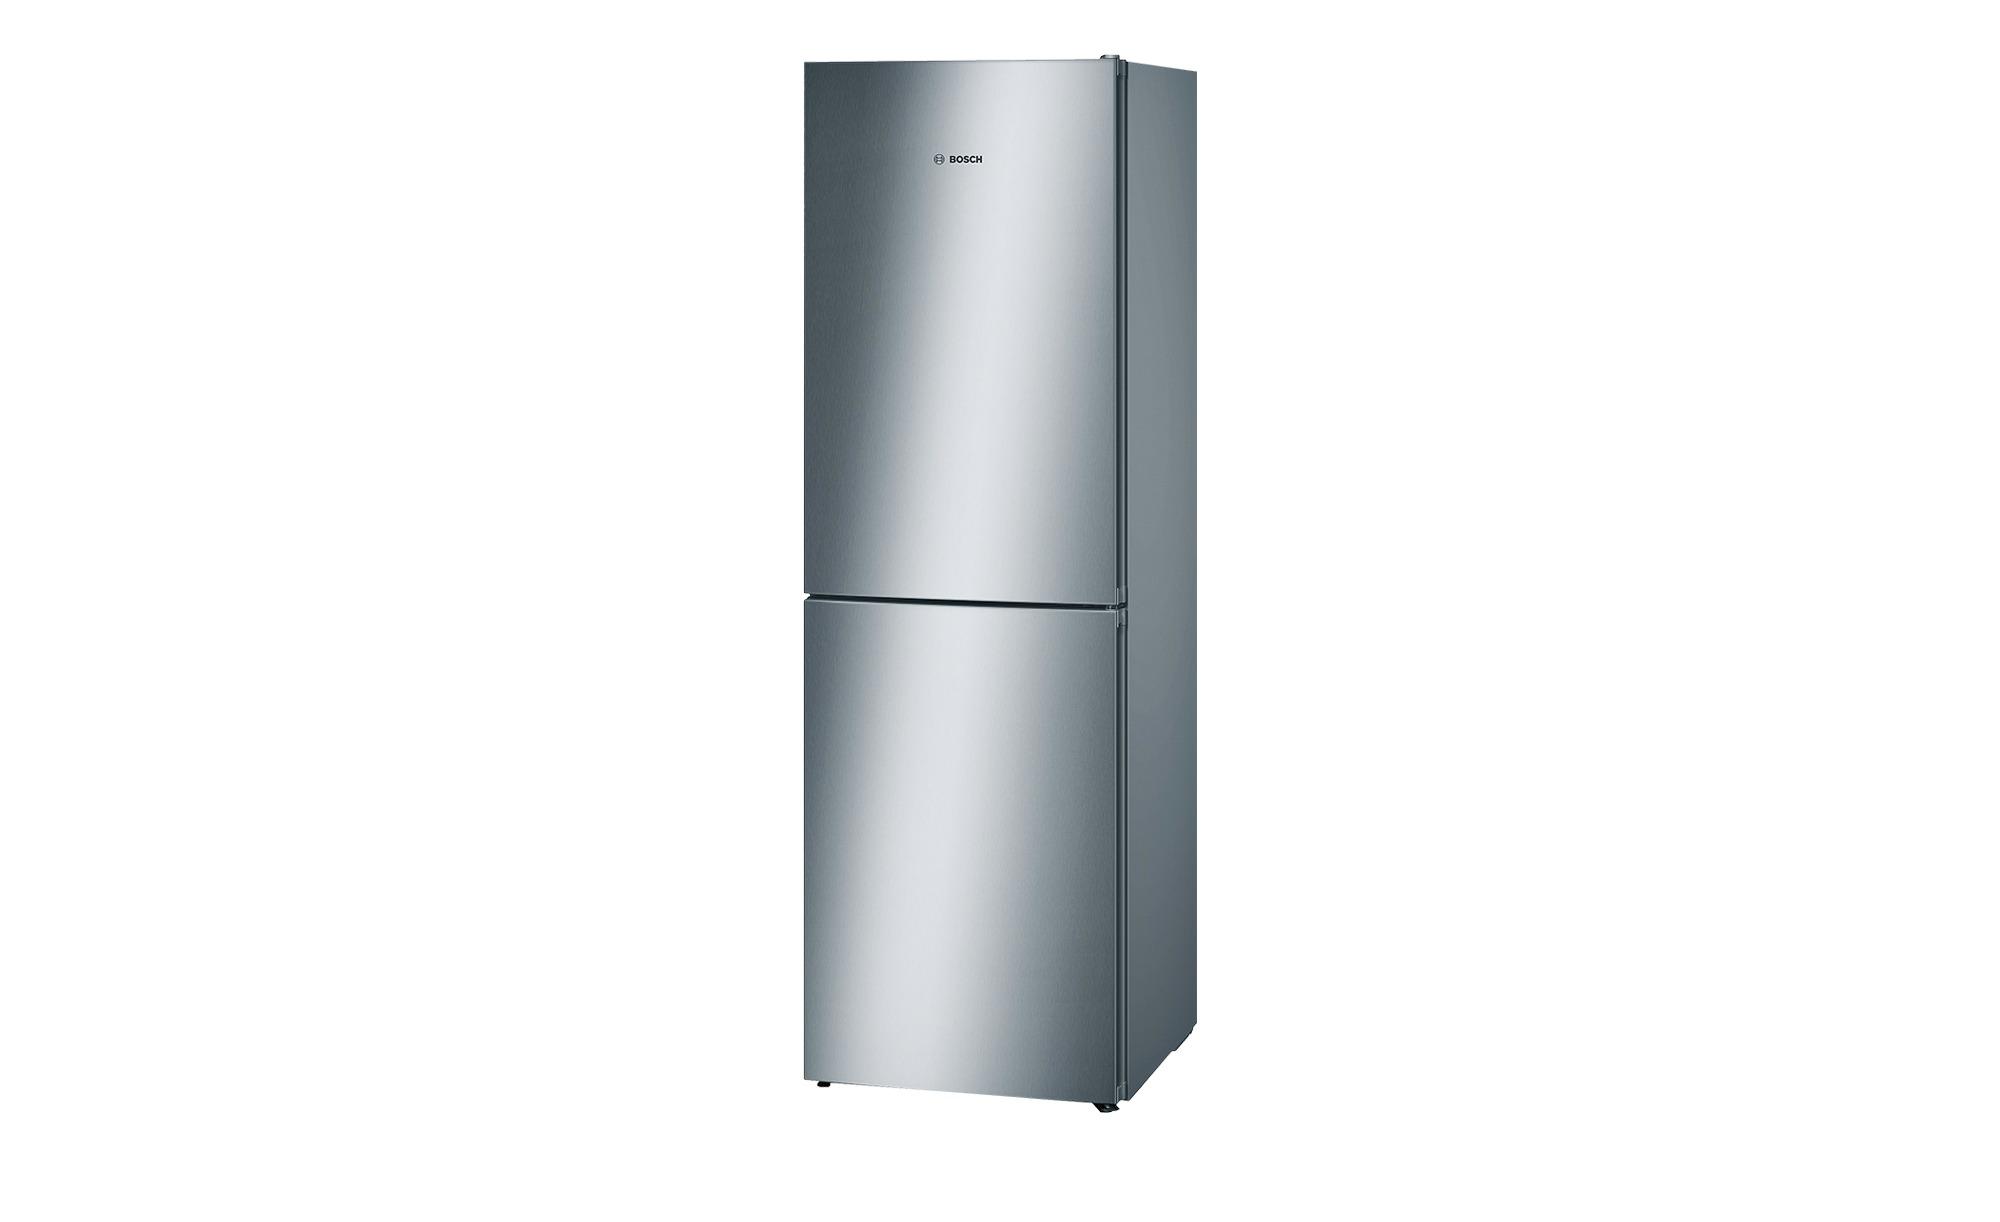 Bosch Kühlschrank Alarm : Bosch kühlschrank kgn vl möbel höffner